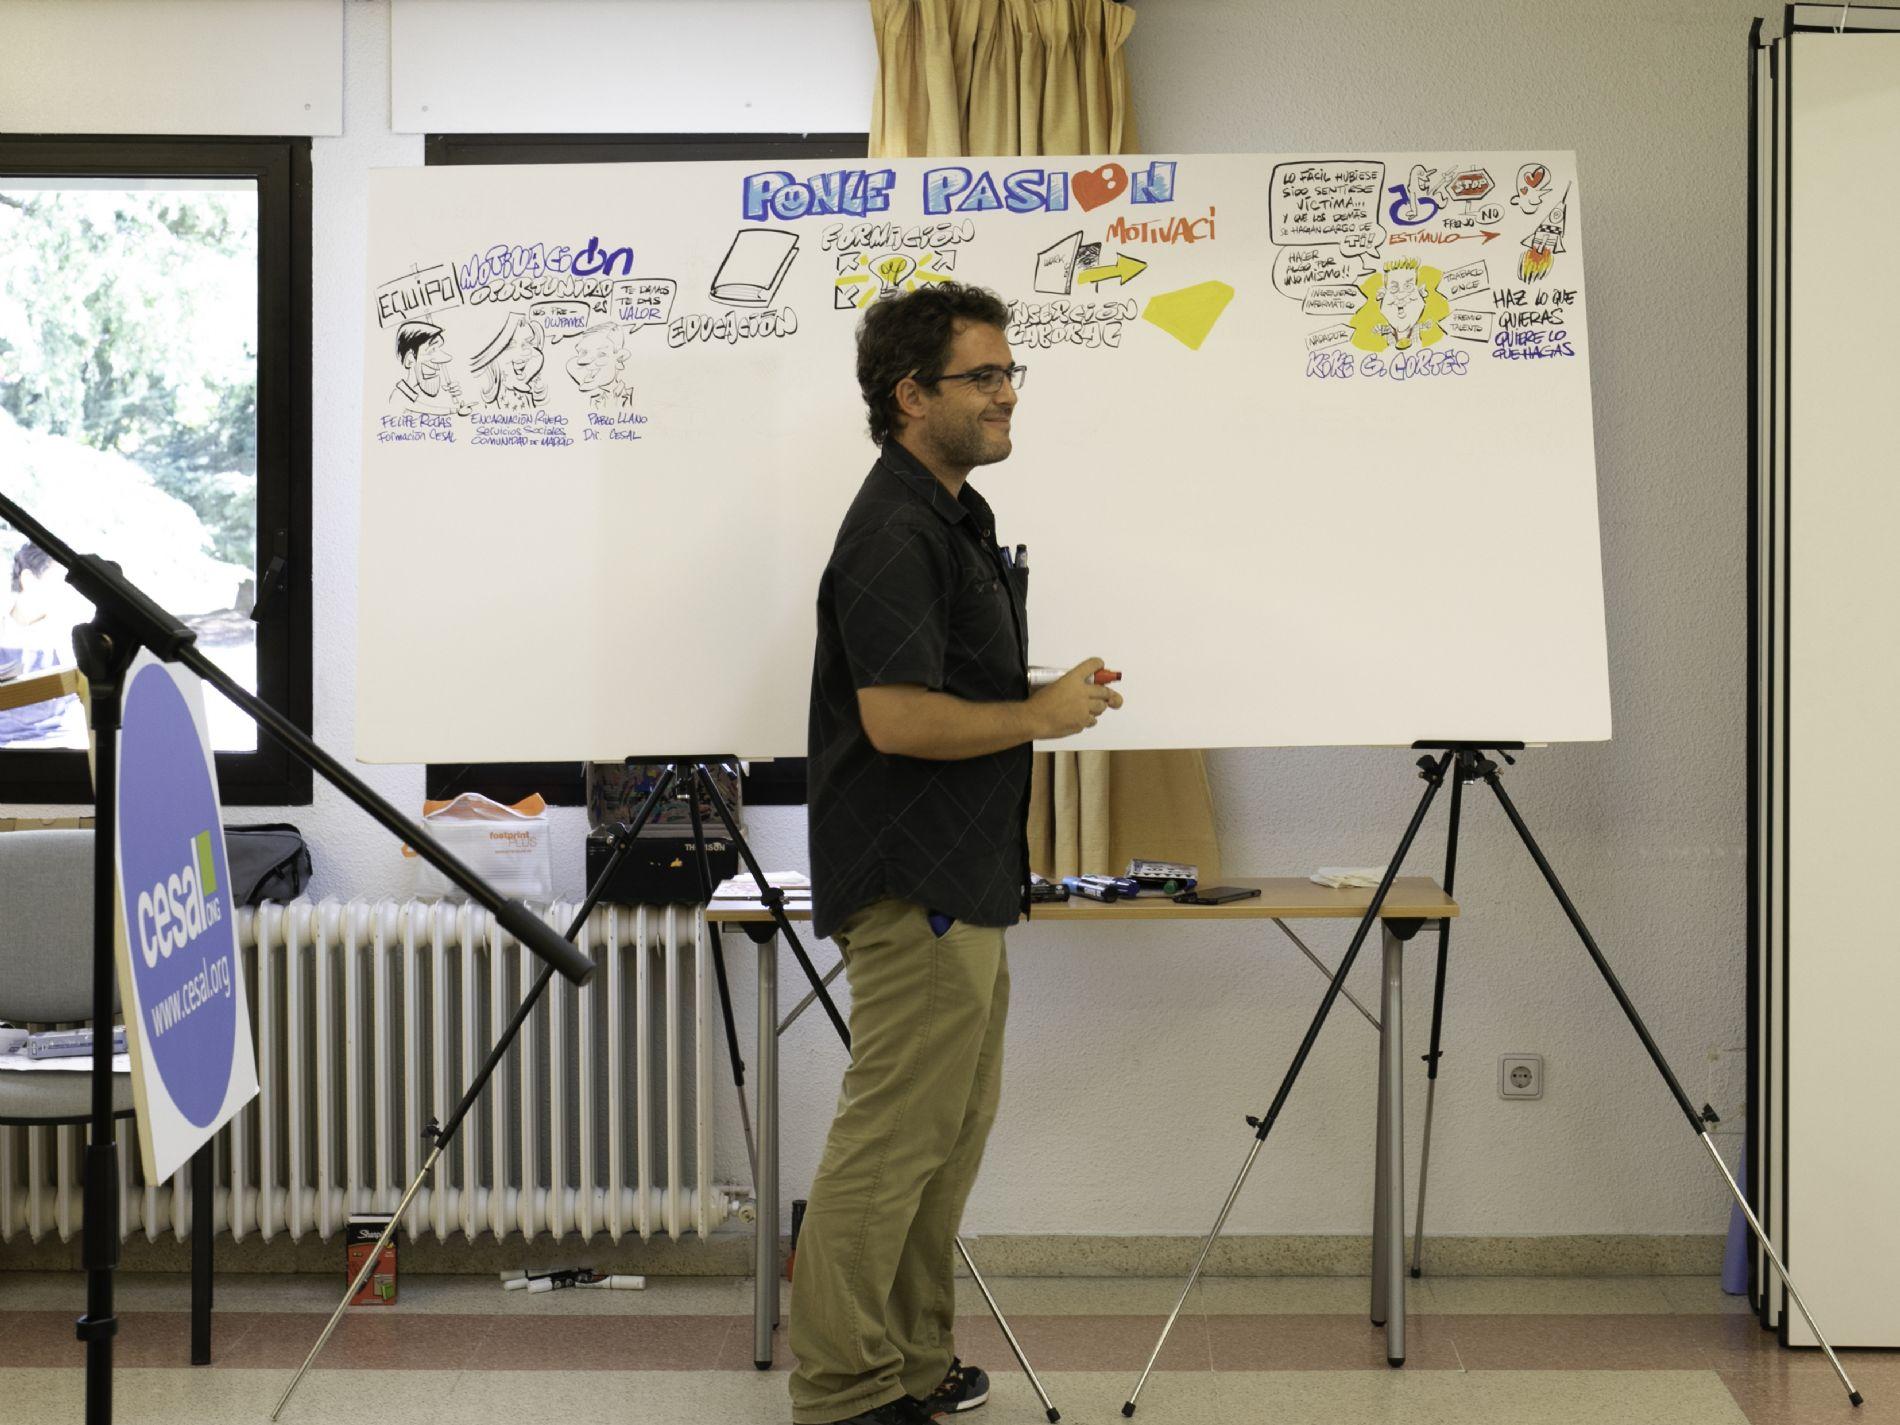 Rafael Leafar, caricaturas para eventos, realizando un visual thinking sobre `Ponle pasión`, el evento de inicio de curso de la formación no reglada de CESAL en Madrid